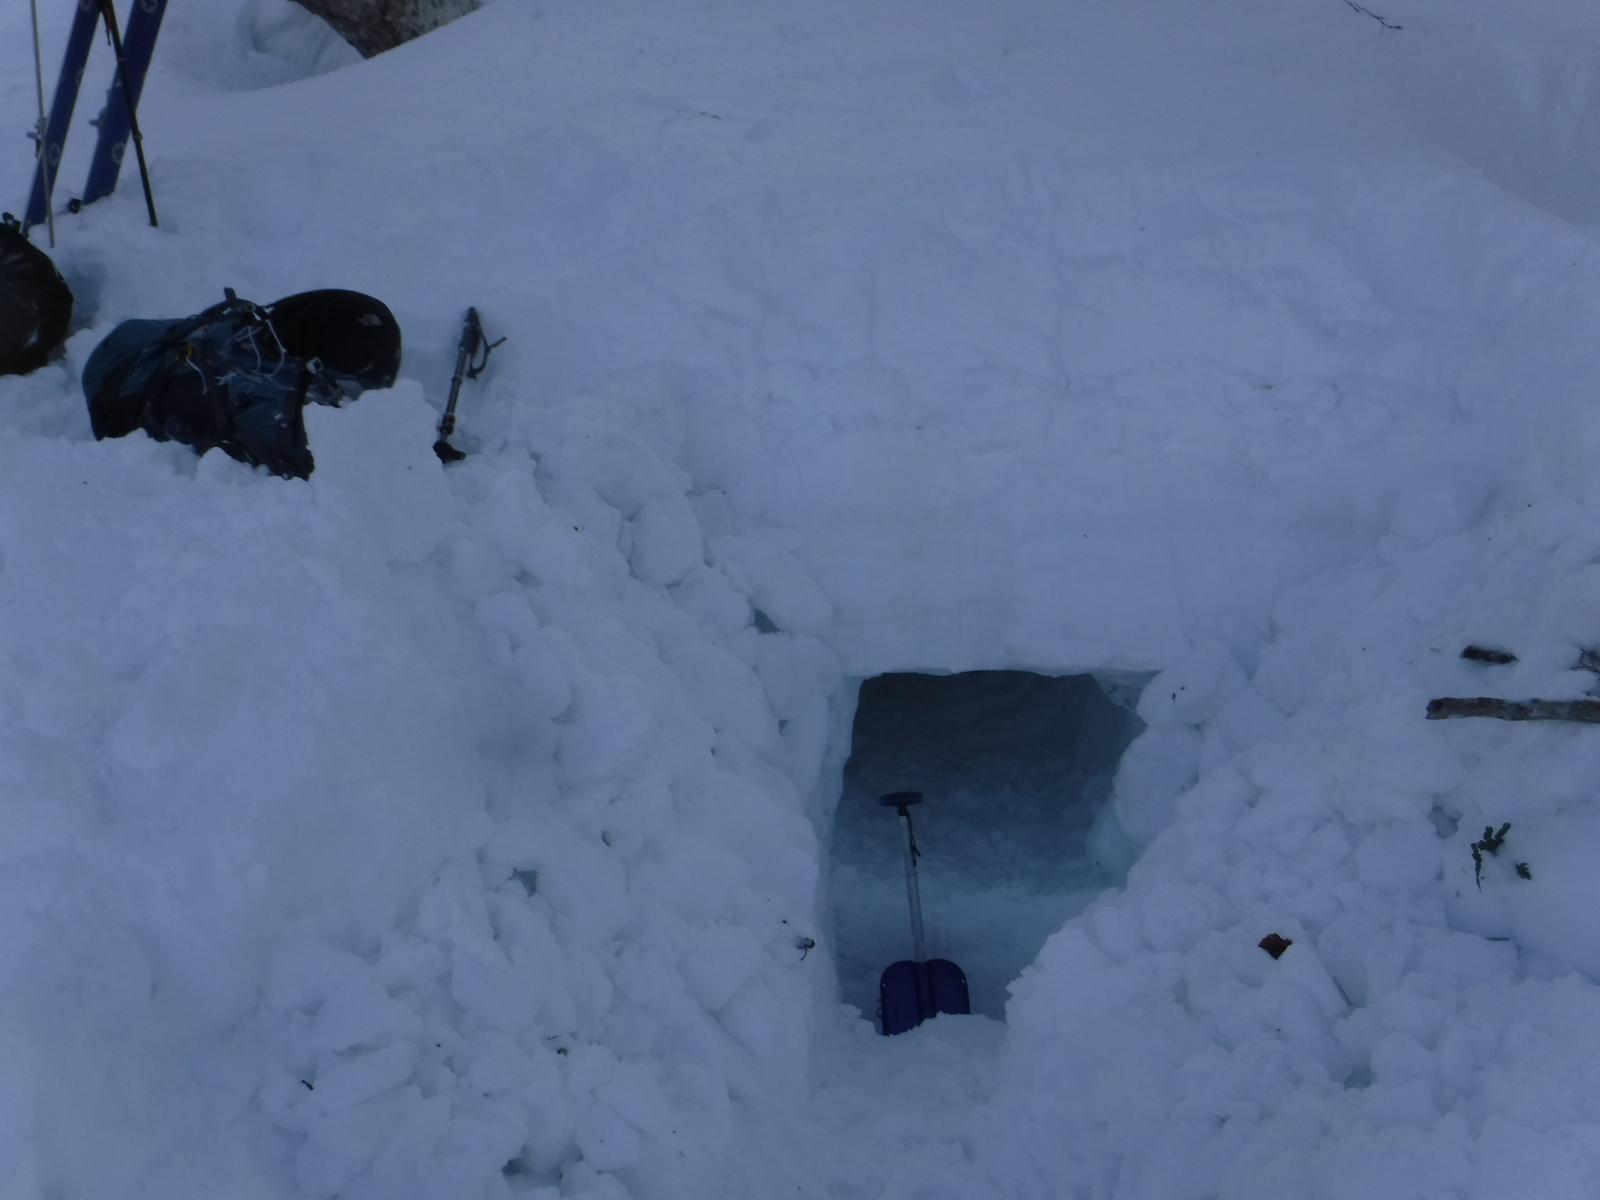 14:40 入口、長さ1m強、掘り出したブロックを周囲に積む